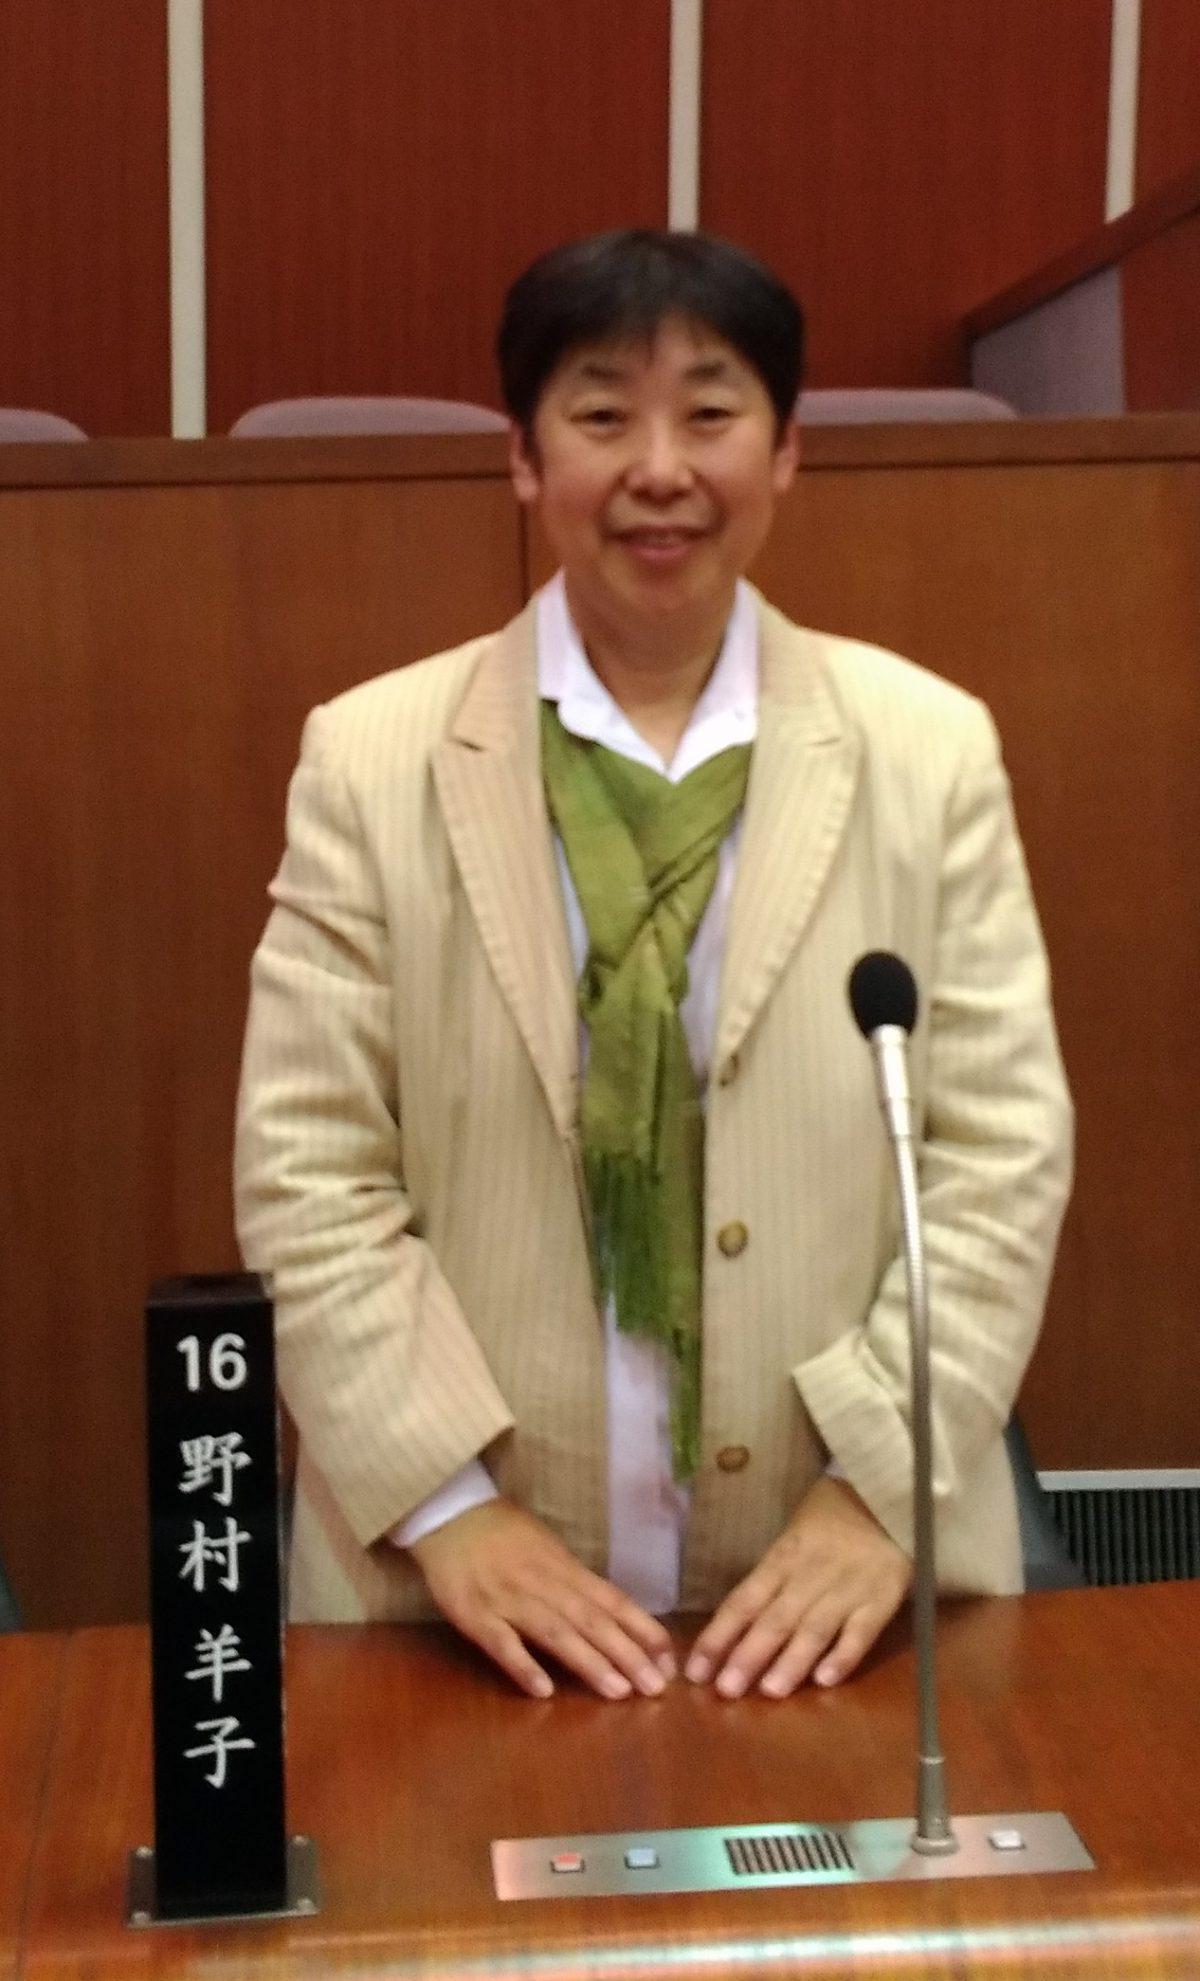 2019.3.4 総務委員会 議案第5号2018年度一般会計補正予算(第3号) 反対討論